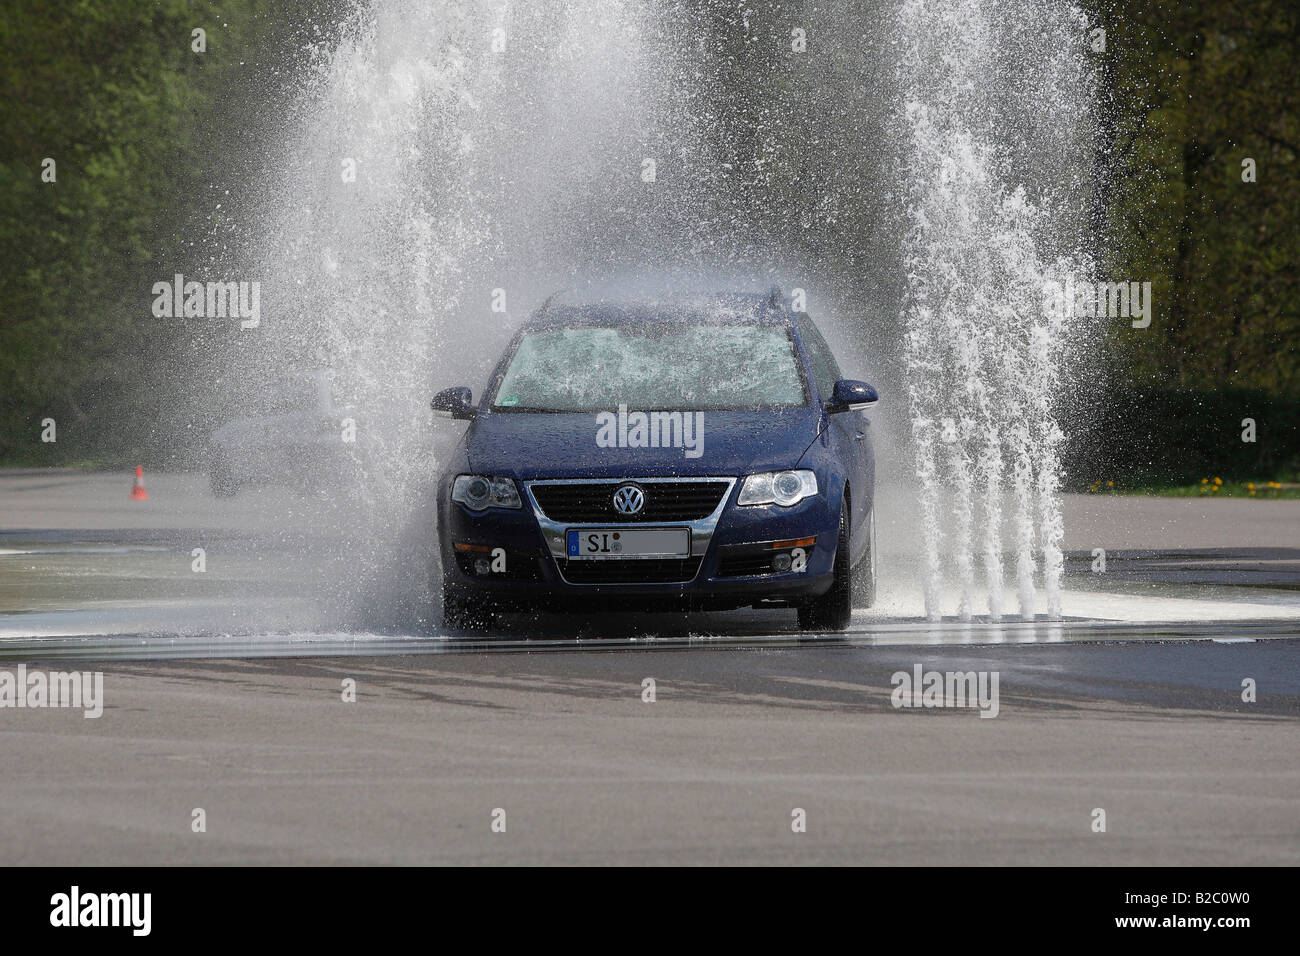 Formación de seguridad del conductor ADAC, el frenado y la evasión en superficies resbaladizas y suelo Imagen De Stock